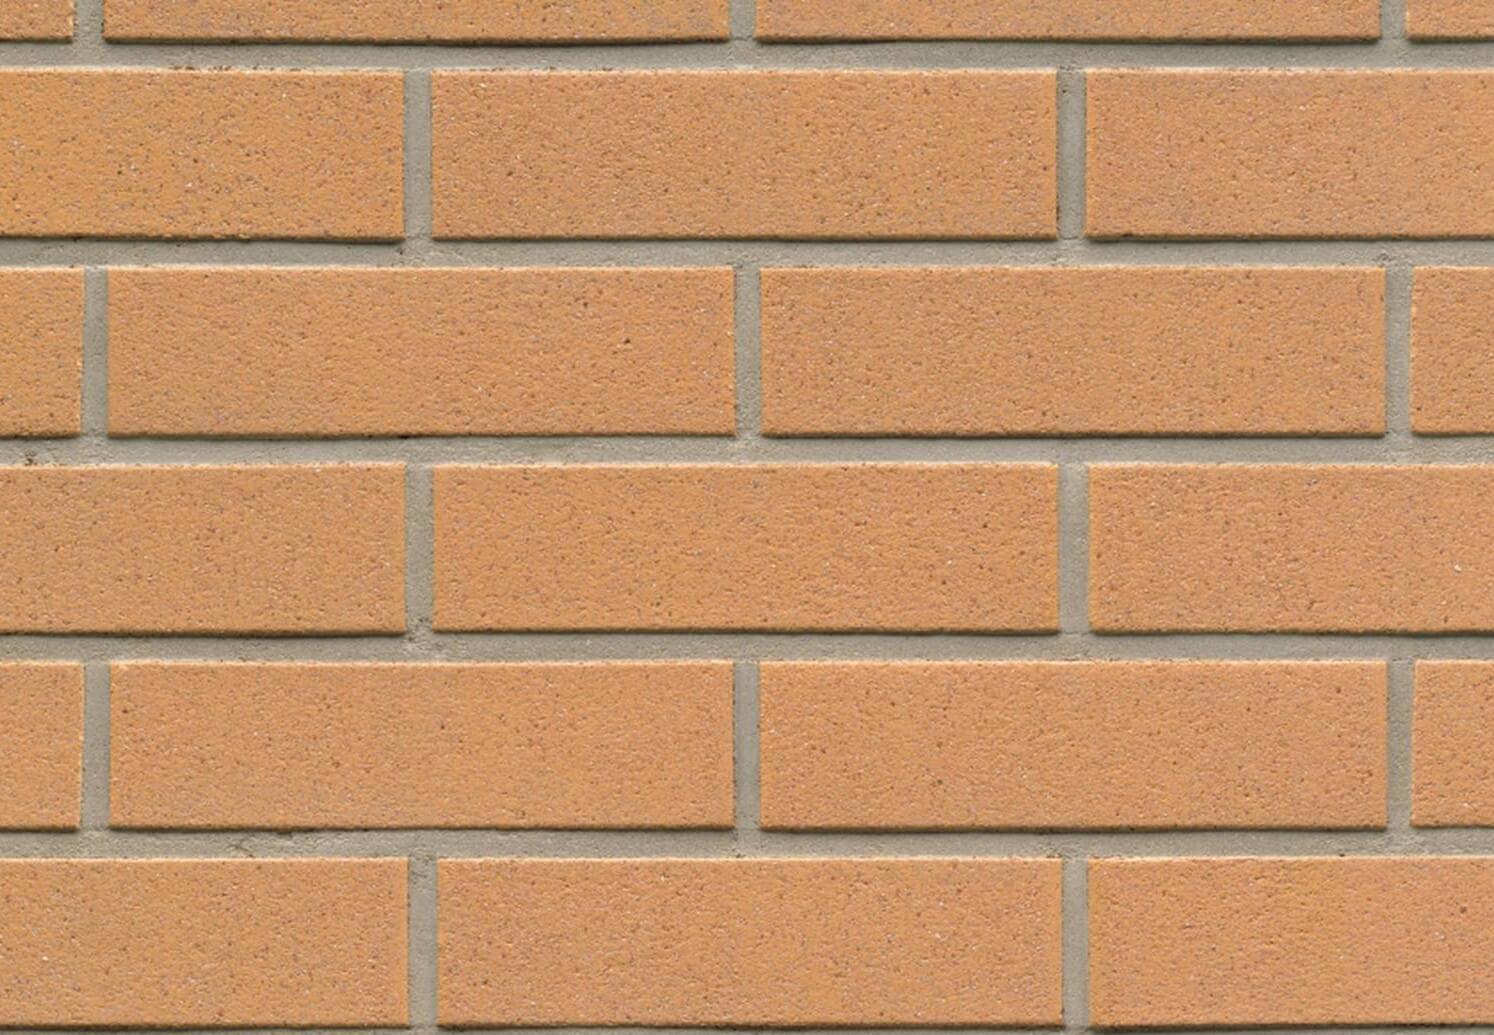 Фасадная плитка Feldhaus Klinker, Classic, Nolani, R206NF9, желтая, гладкая, с красной посыпкой